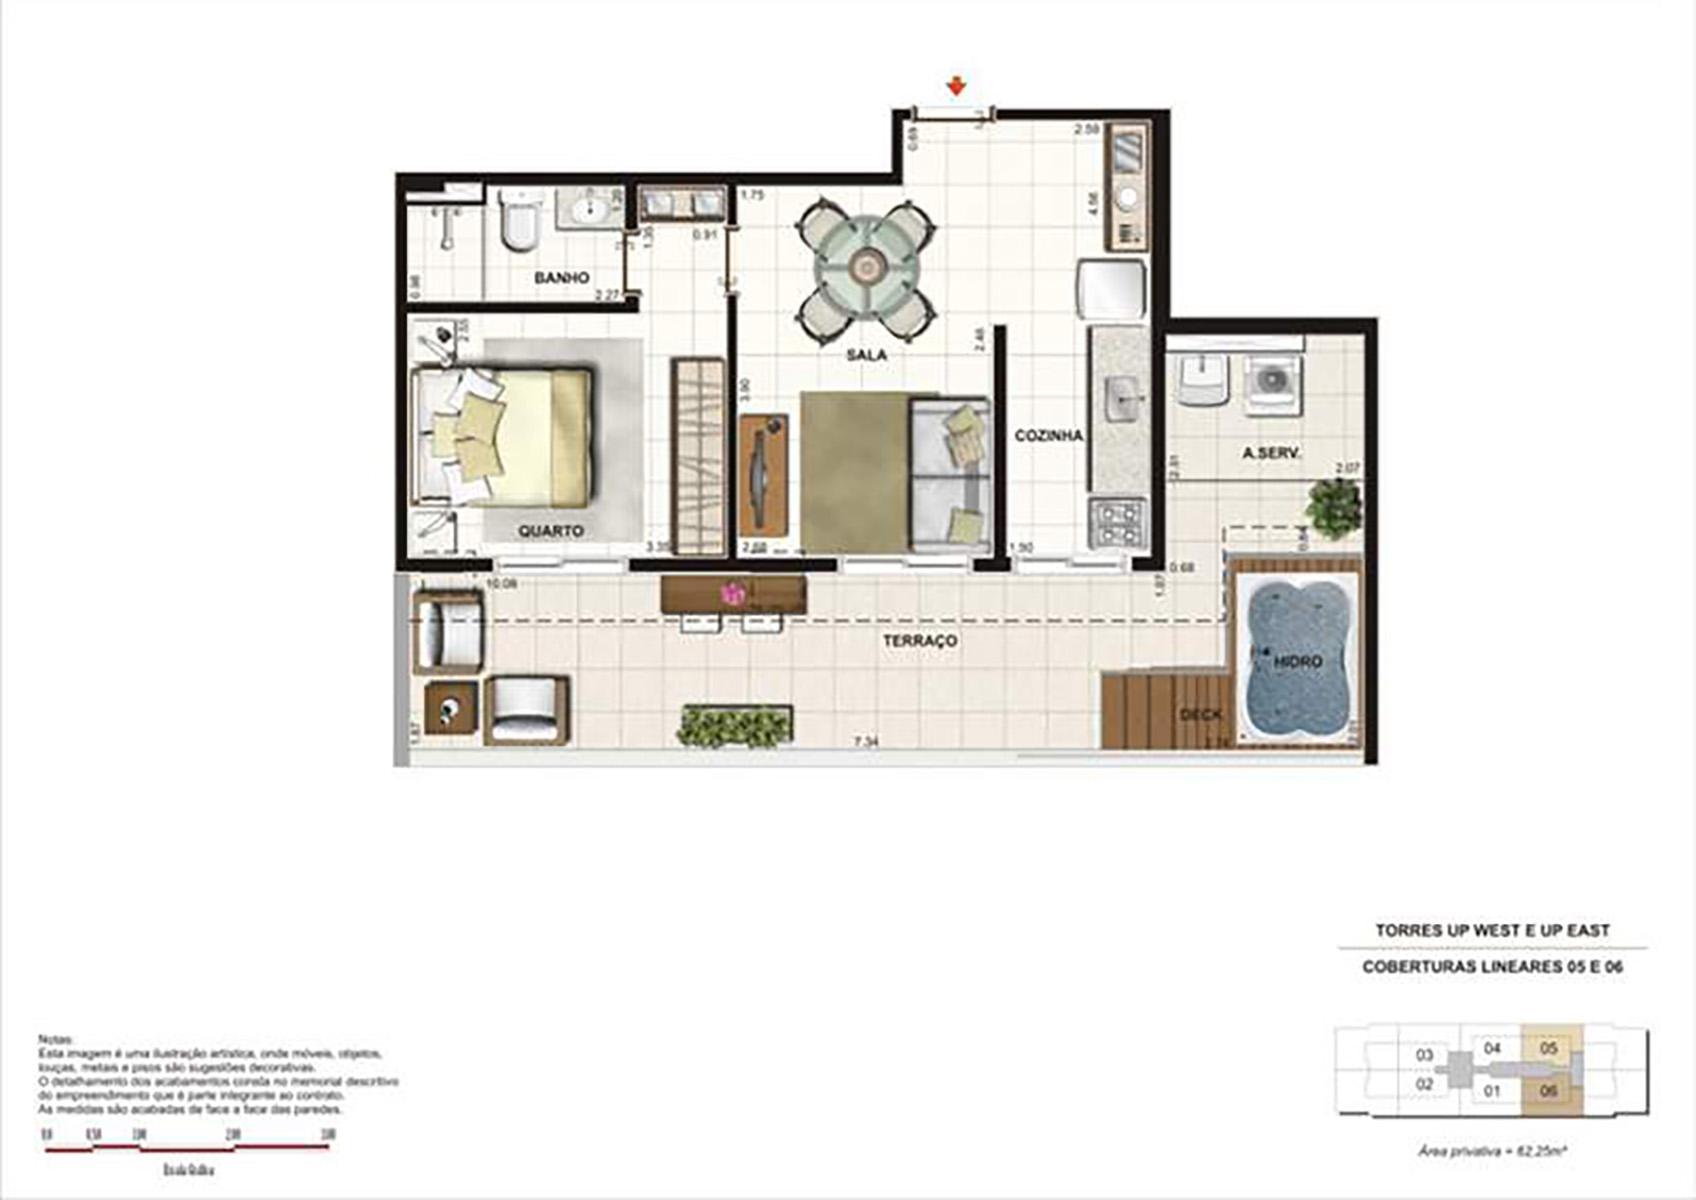 Ilustração Artística da Planta 62 m² tipo 1 Up Residence